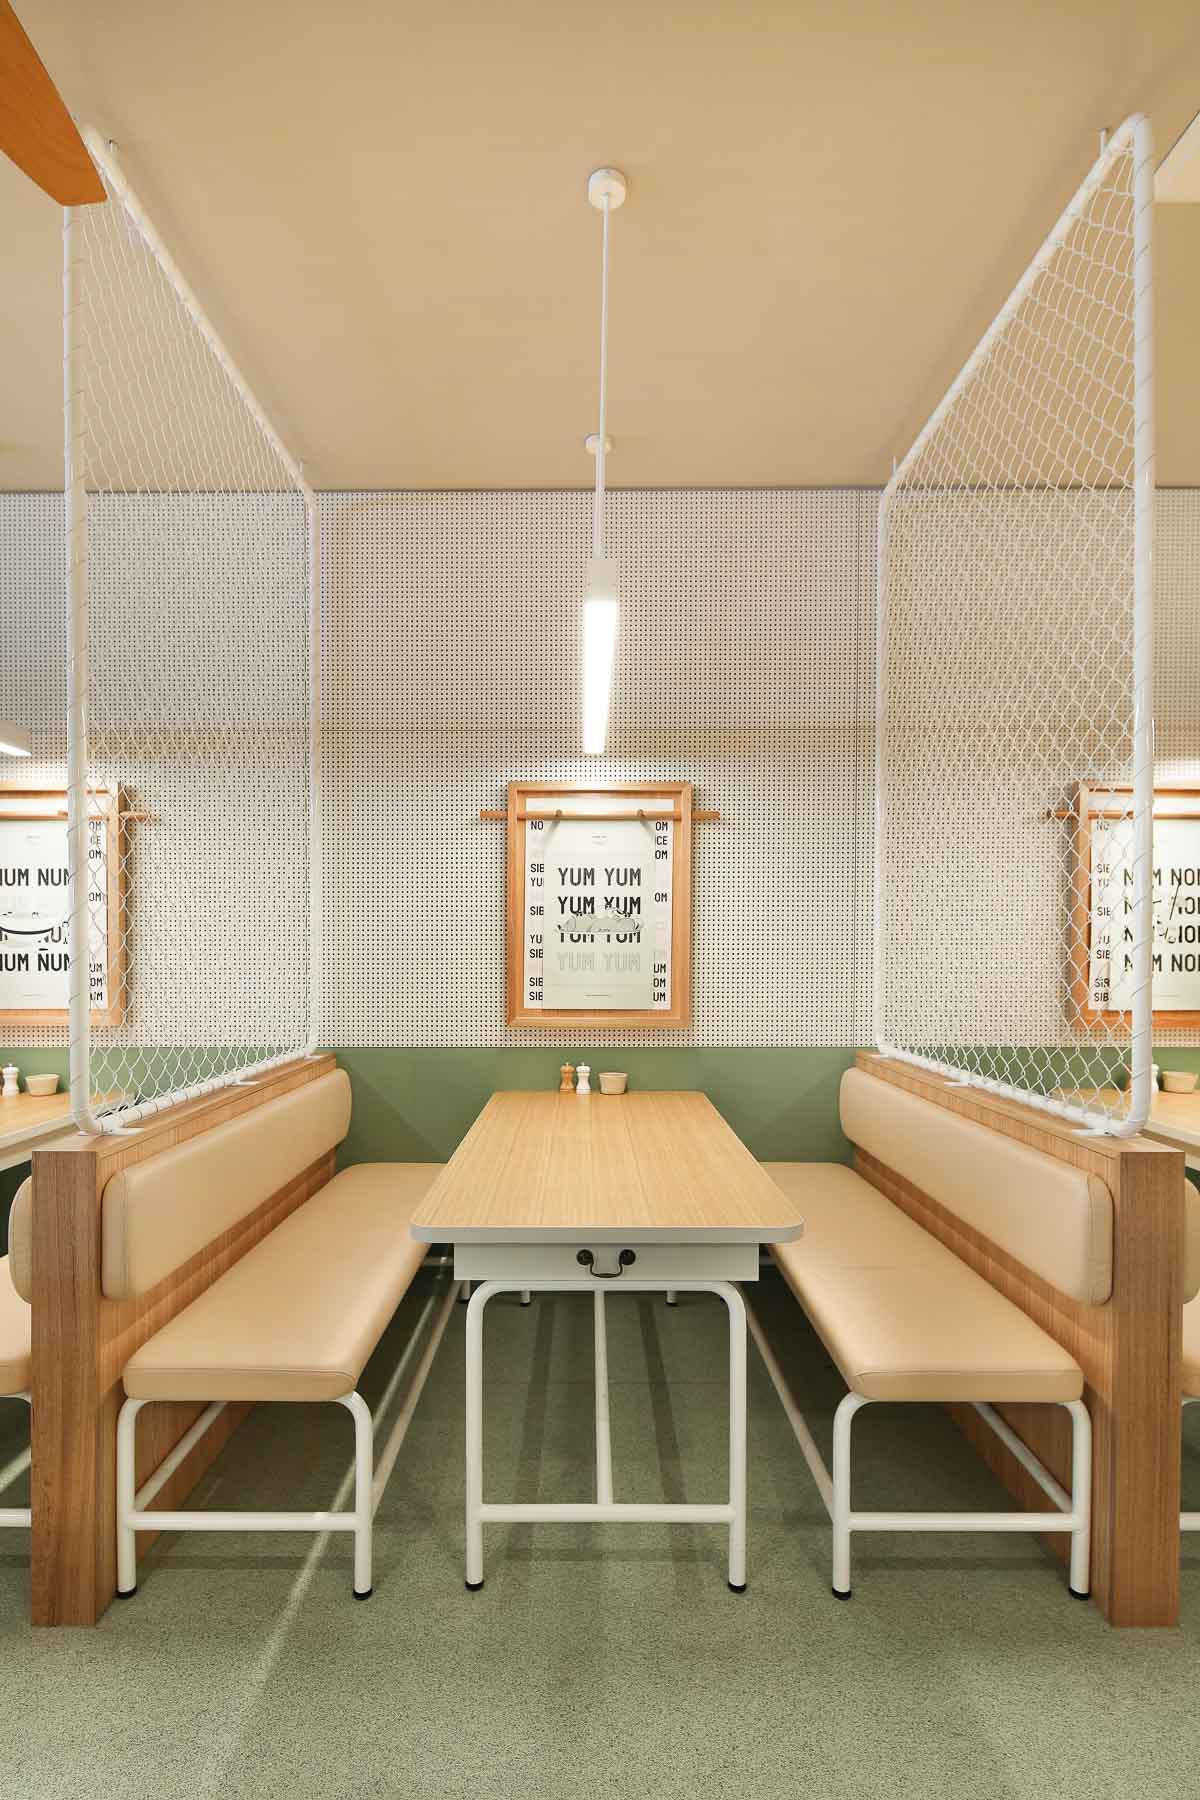 Sibling Spice - interior design by Studio Y.